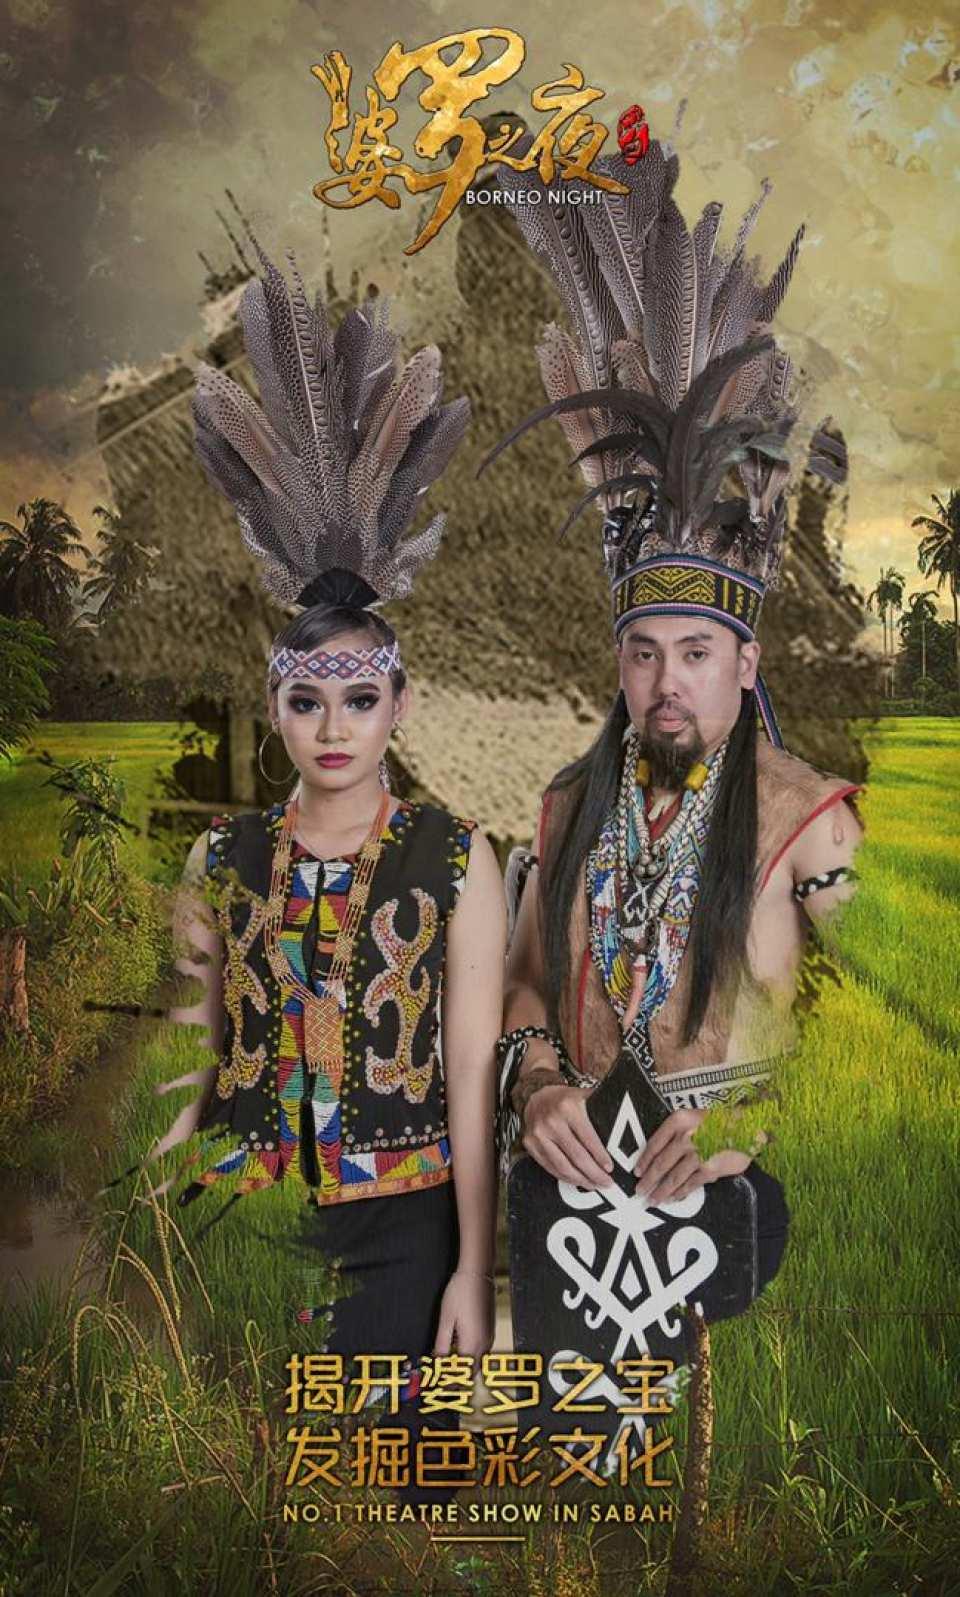 【亞庇精彩大型舞台劇】婆羅洲之夜 Borneo Night